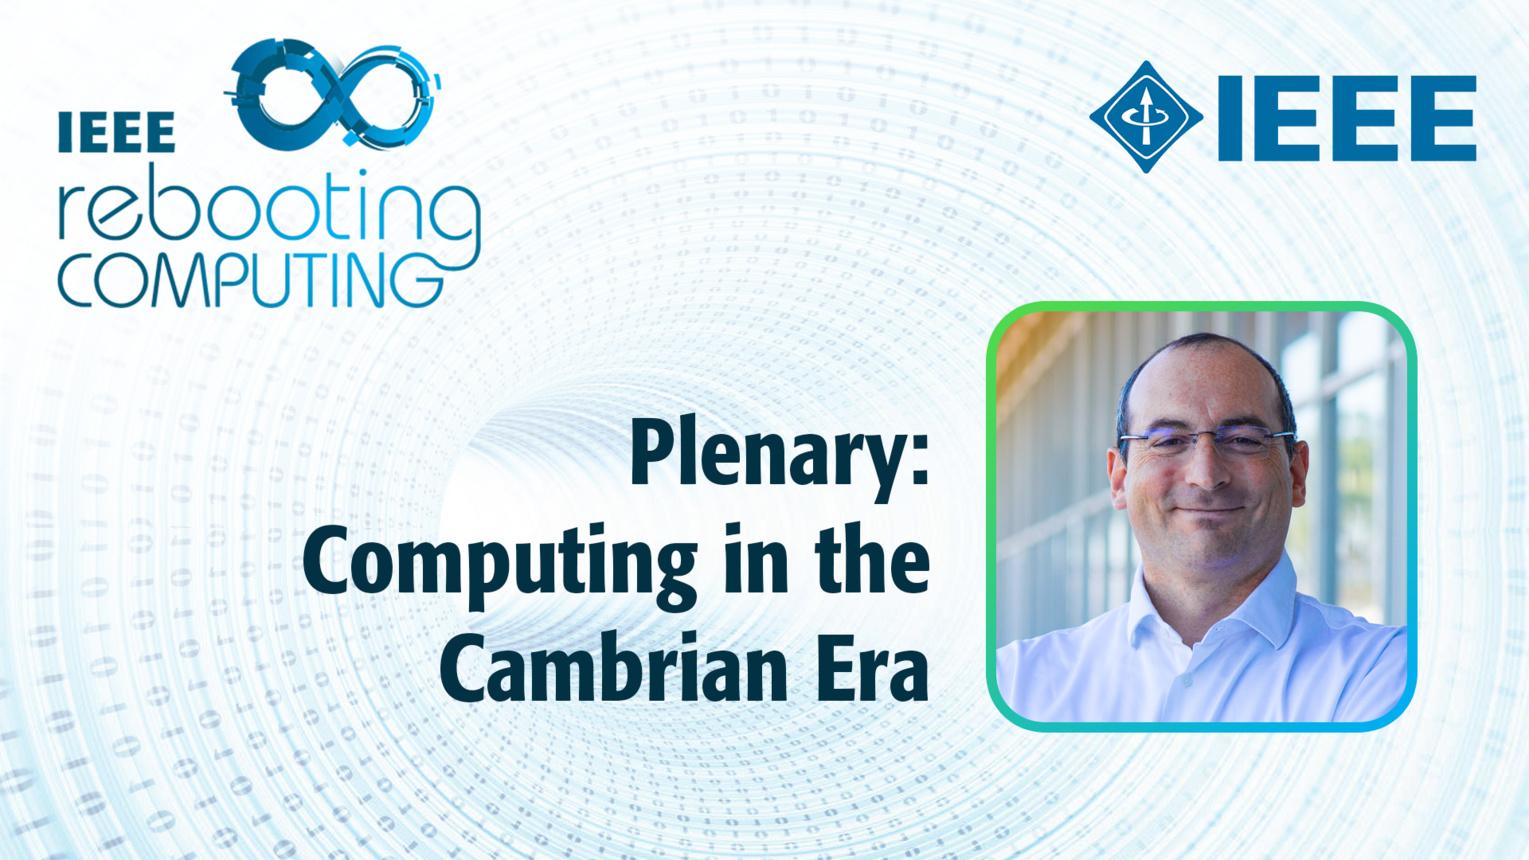 Computing in the Cambrian Era - ICRC 2018 Plenary, Paolo Faraboschi